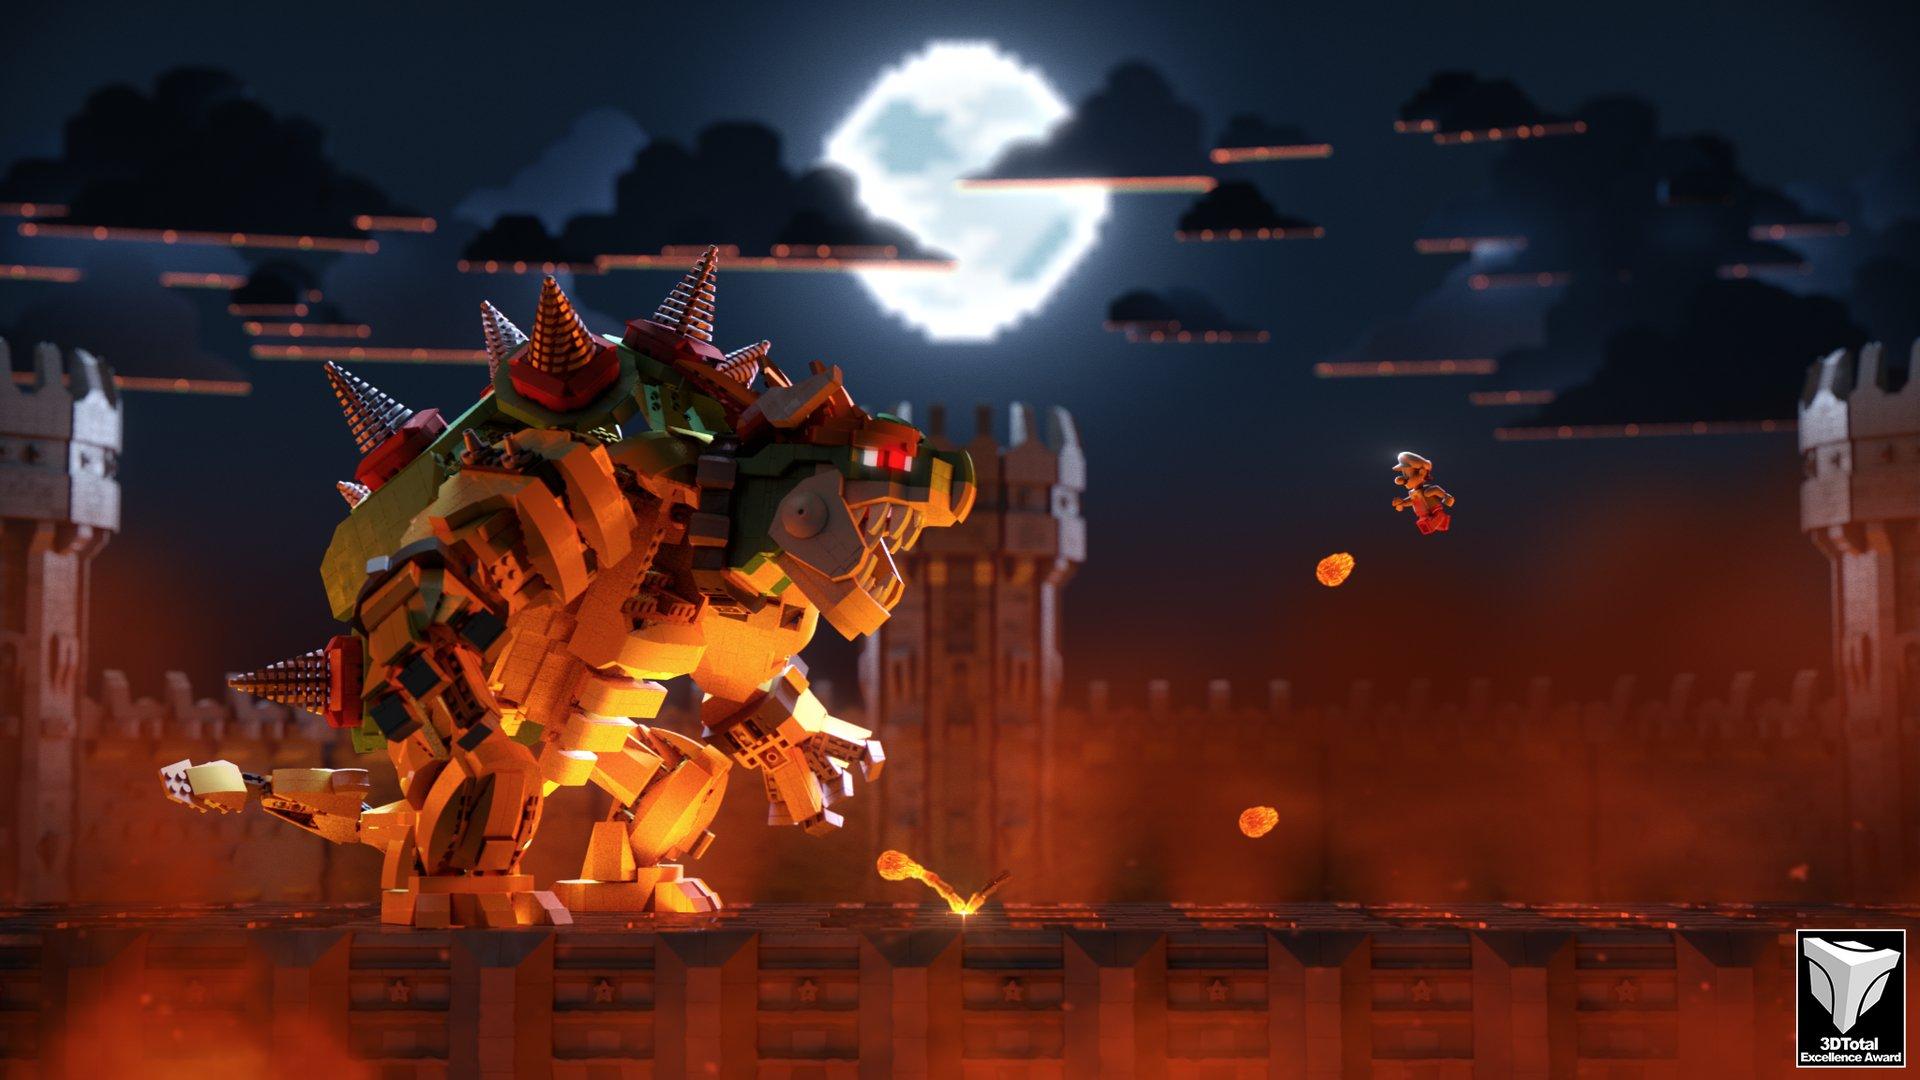 ArtStation - Mario VS Bowser LEGO STYLE, Simon BAU